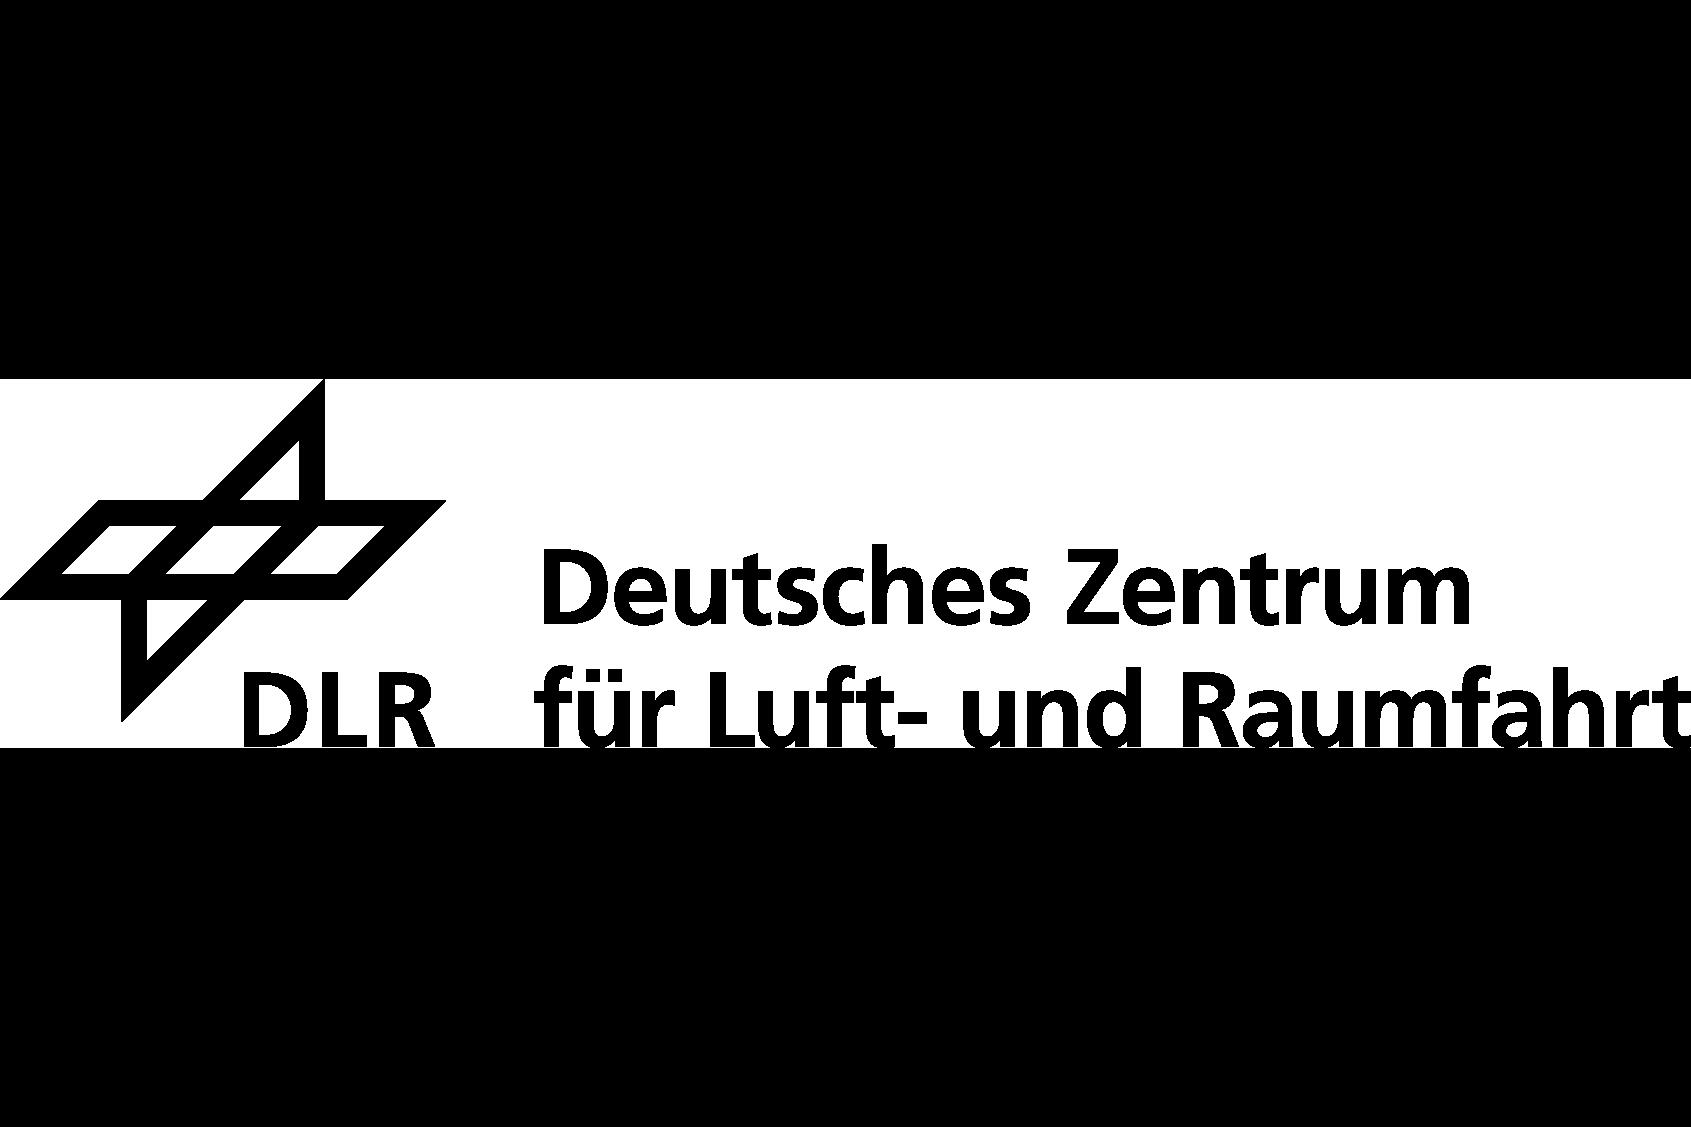 Auf dem Bild ist das Logo vom Deutschen Zentrum für Luft- und Raumfahrt, kurz DLR, zu sehen.